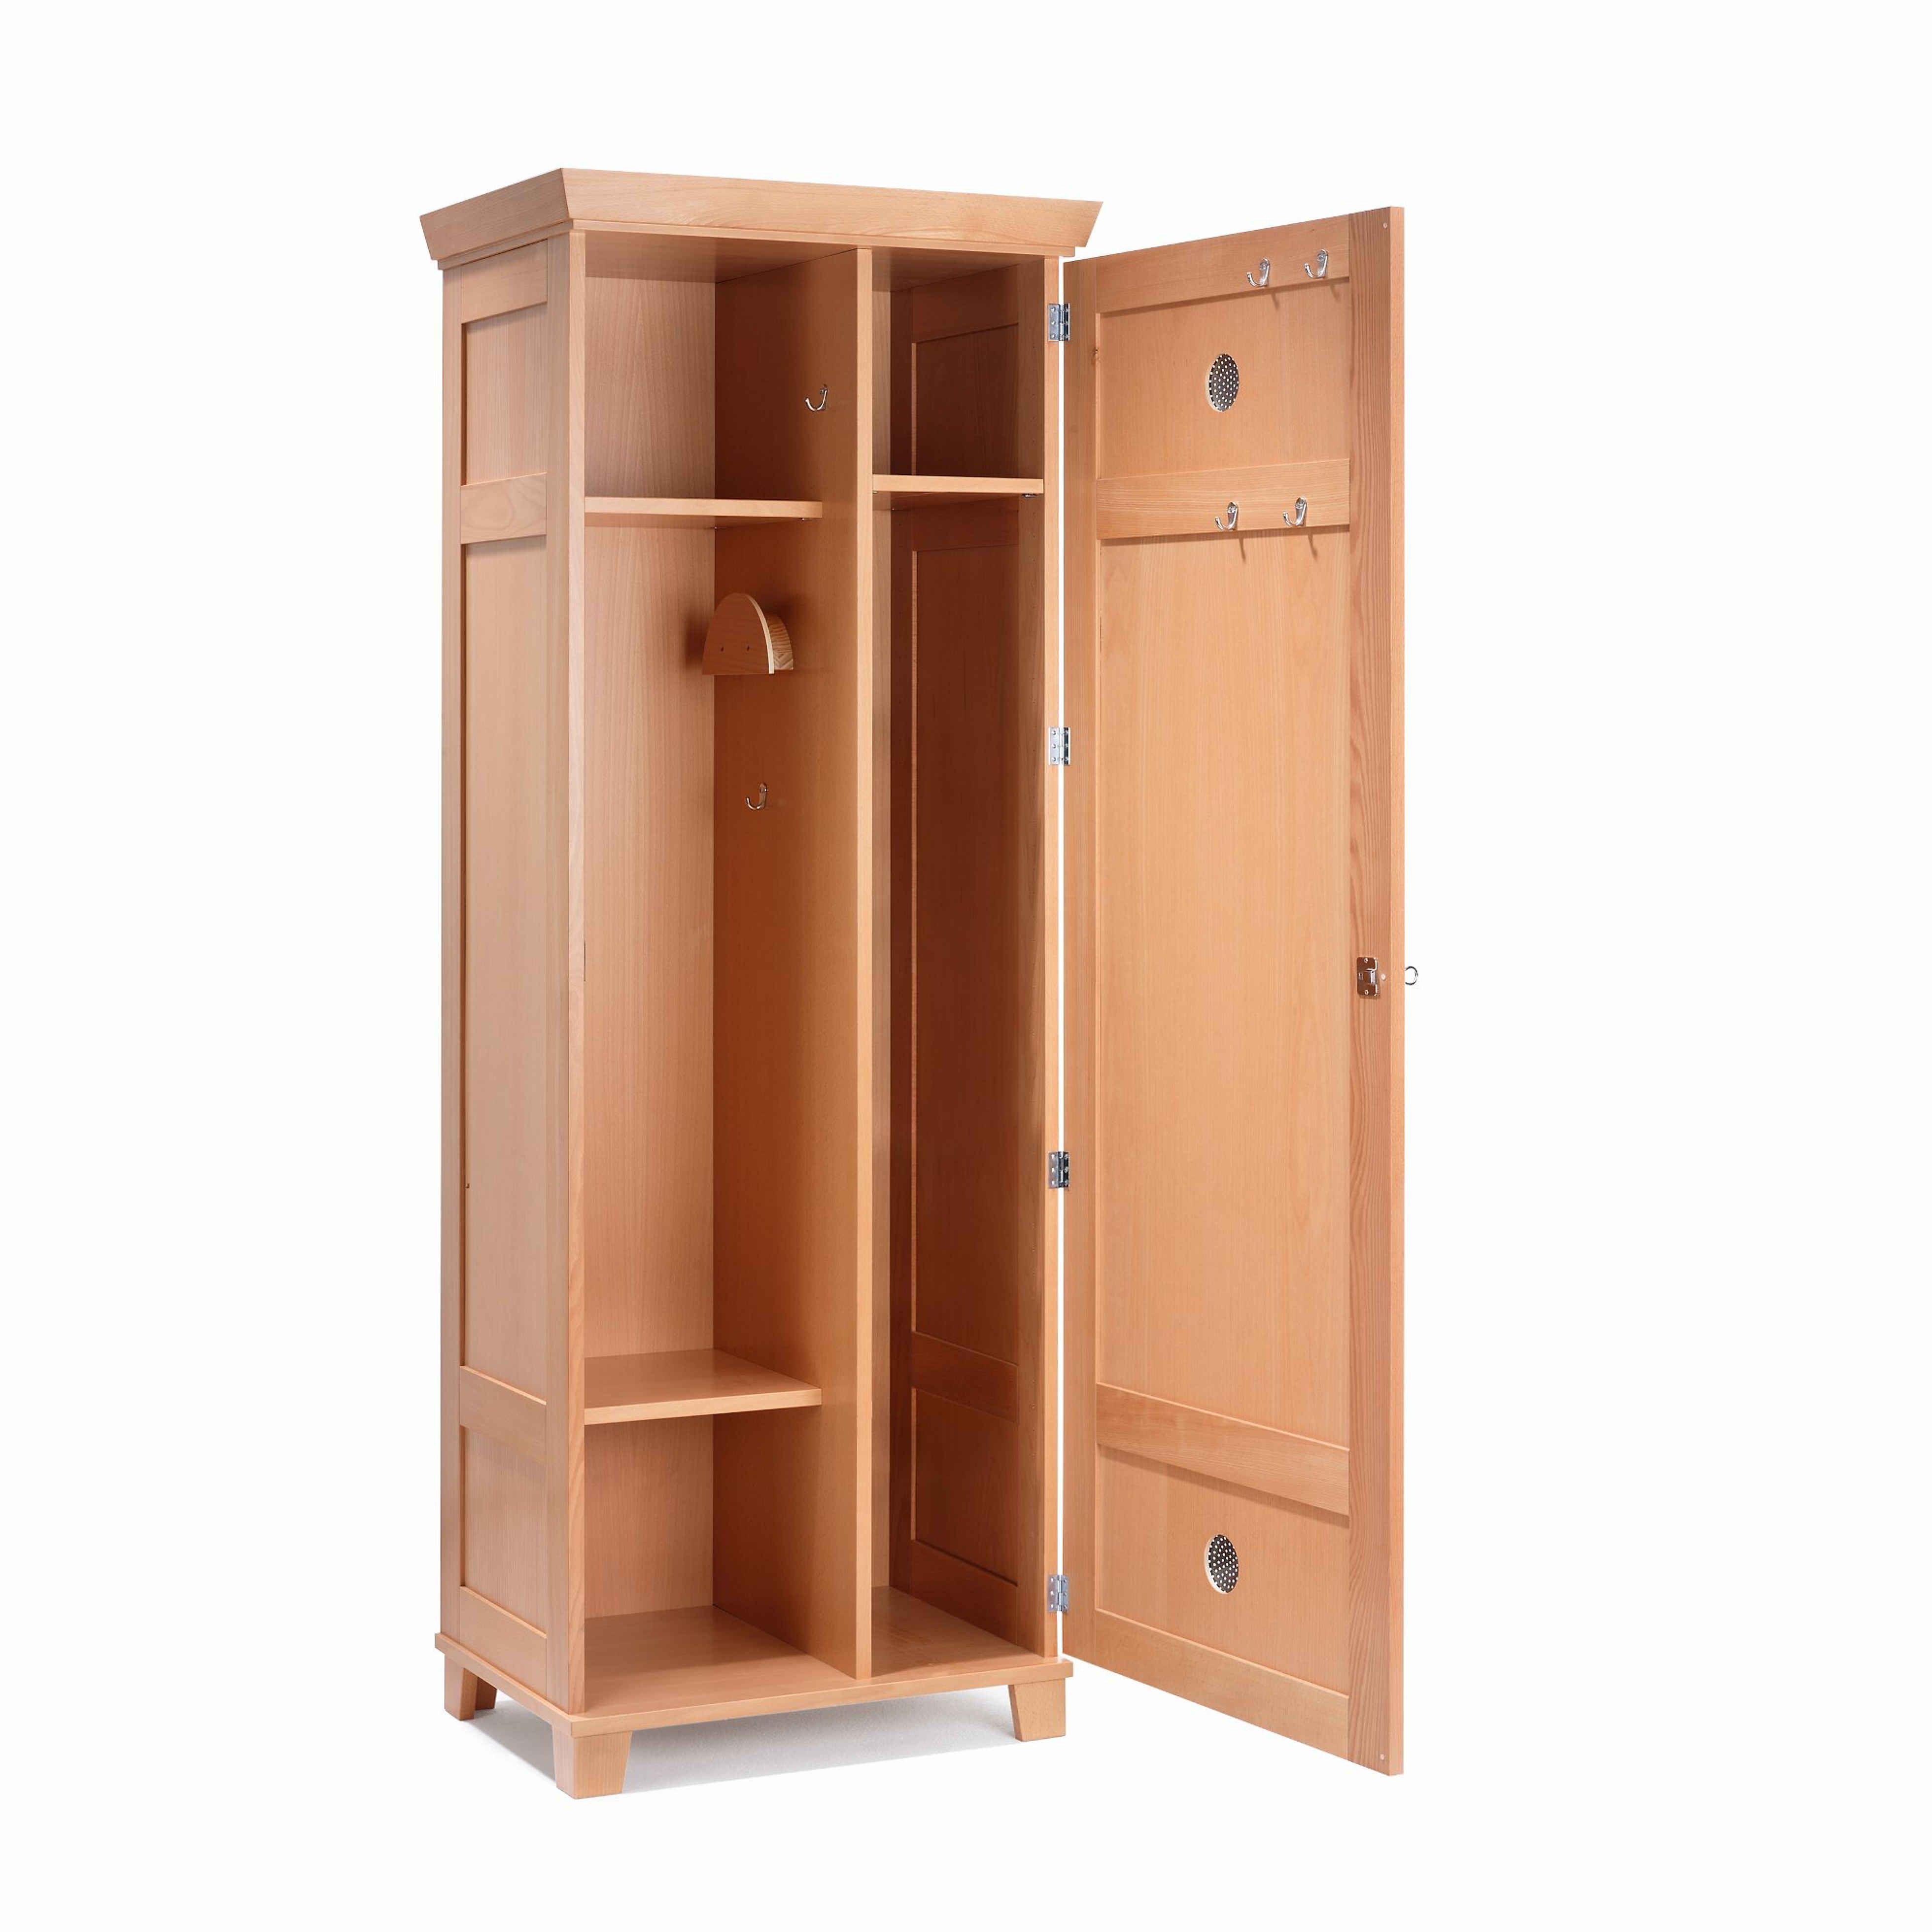 manufactum besenschrank buchenholz einrichten und wohnen pinterest besenschrank. Black Bedroom Furniture Sets. Home Design Ideas